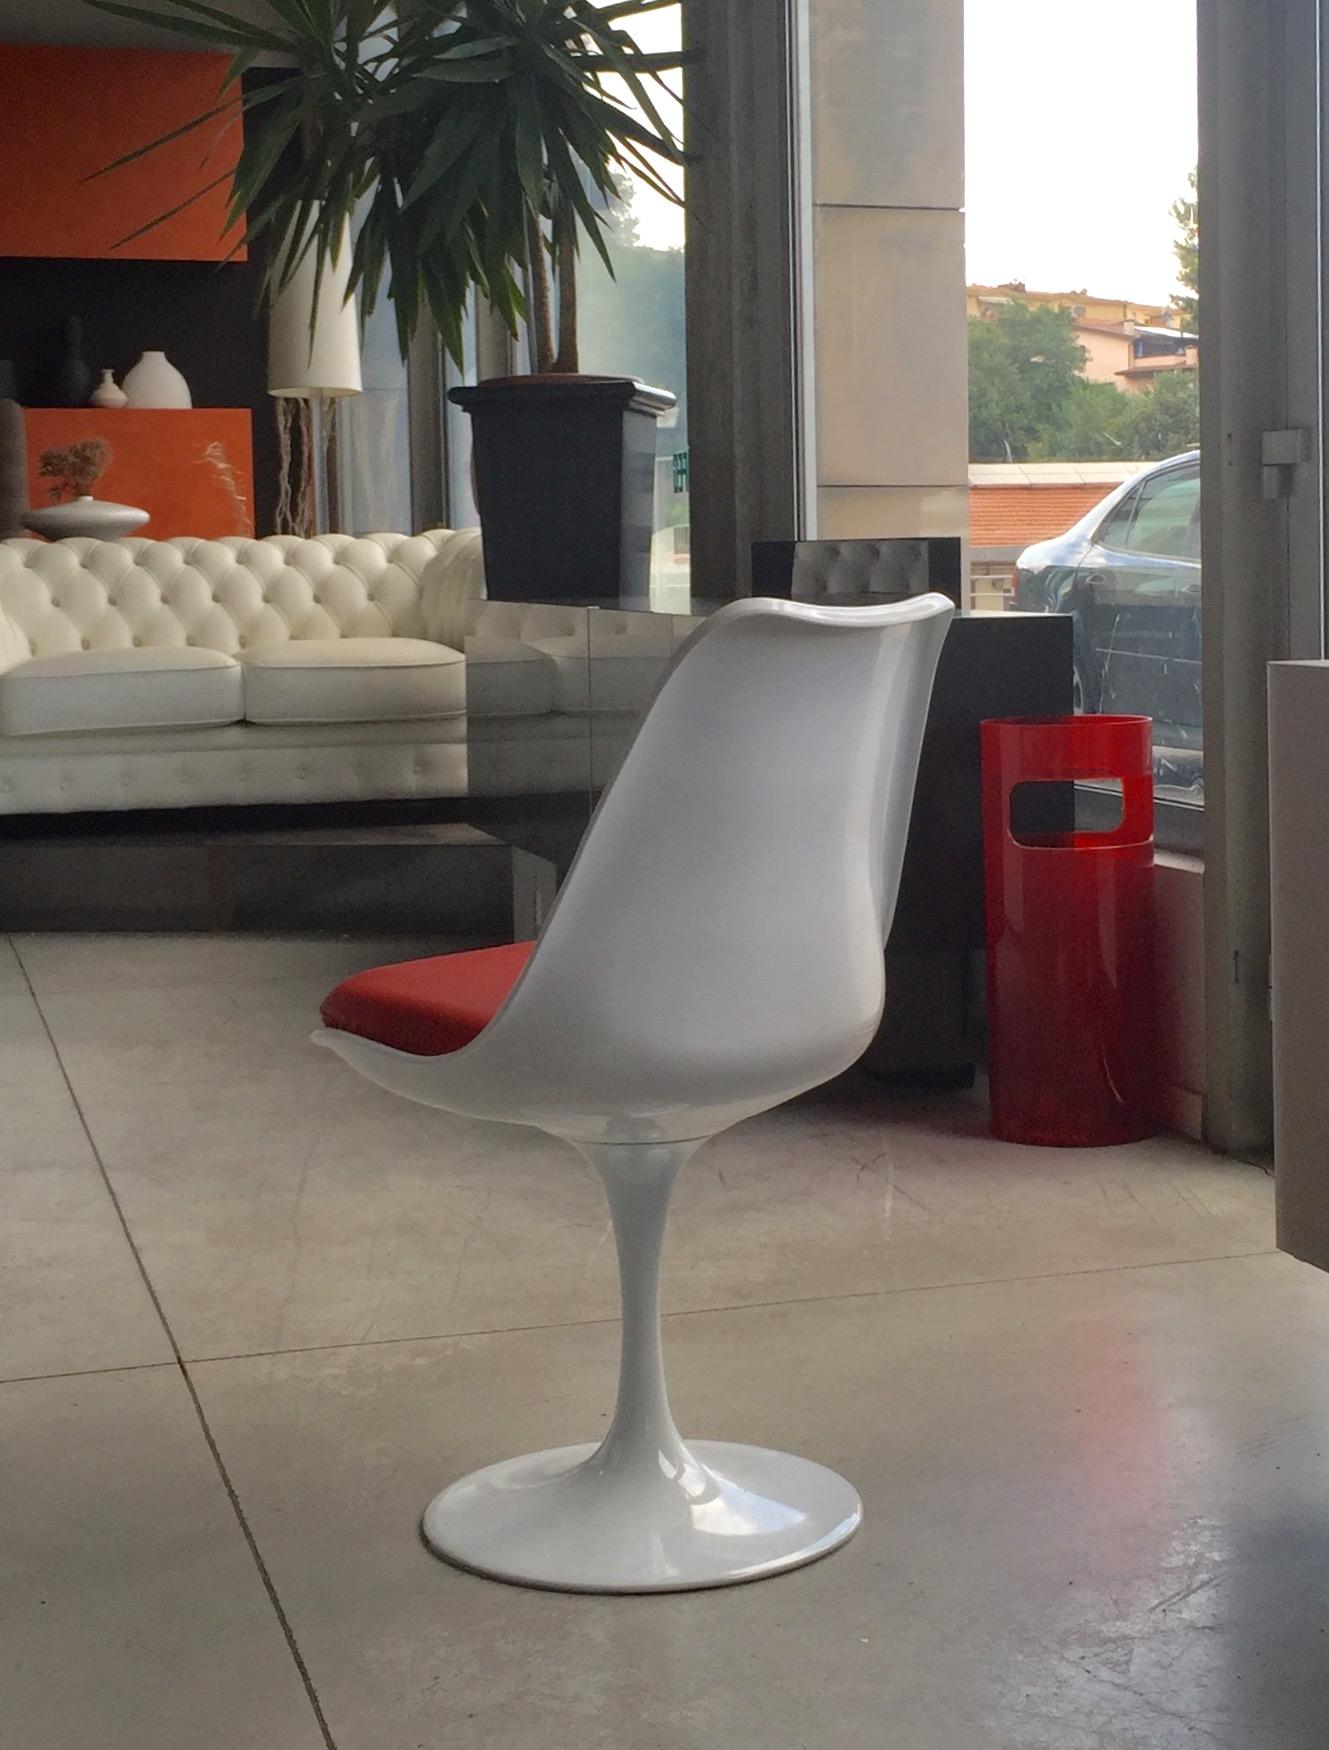 Sedia mod tulip girevole sedile in pelle anilina colore for Sedia design girevole